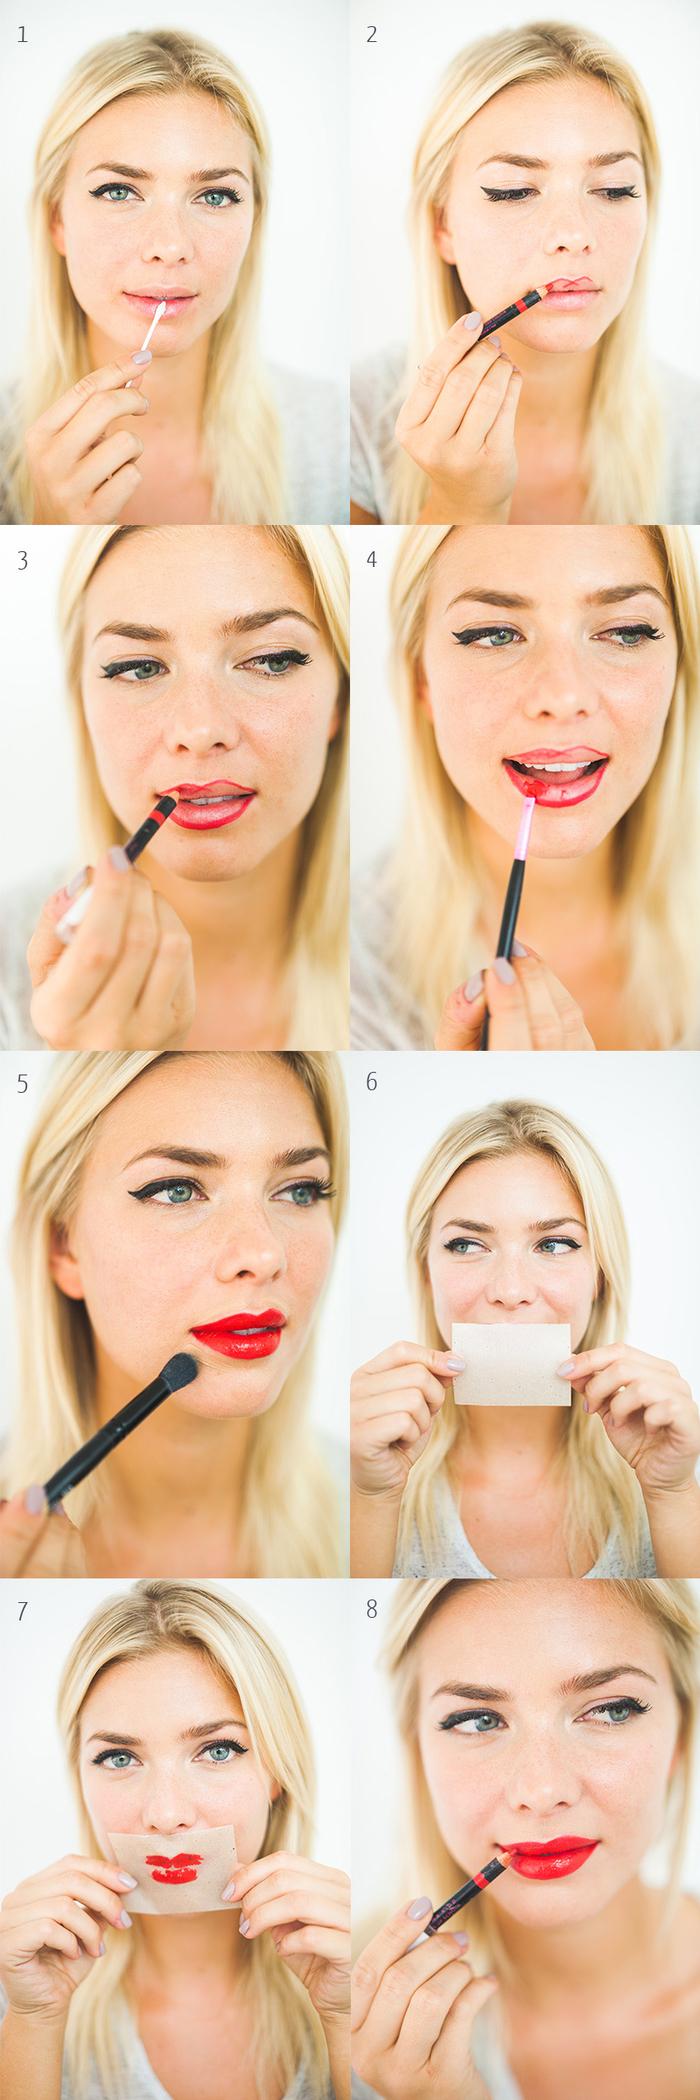 tutoriel maquillage facile pour avoir une bouche rouge brillant, astuce maquillage pour appliquer du rouge à lèvre qui duire